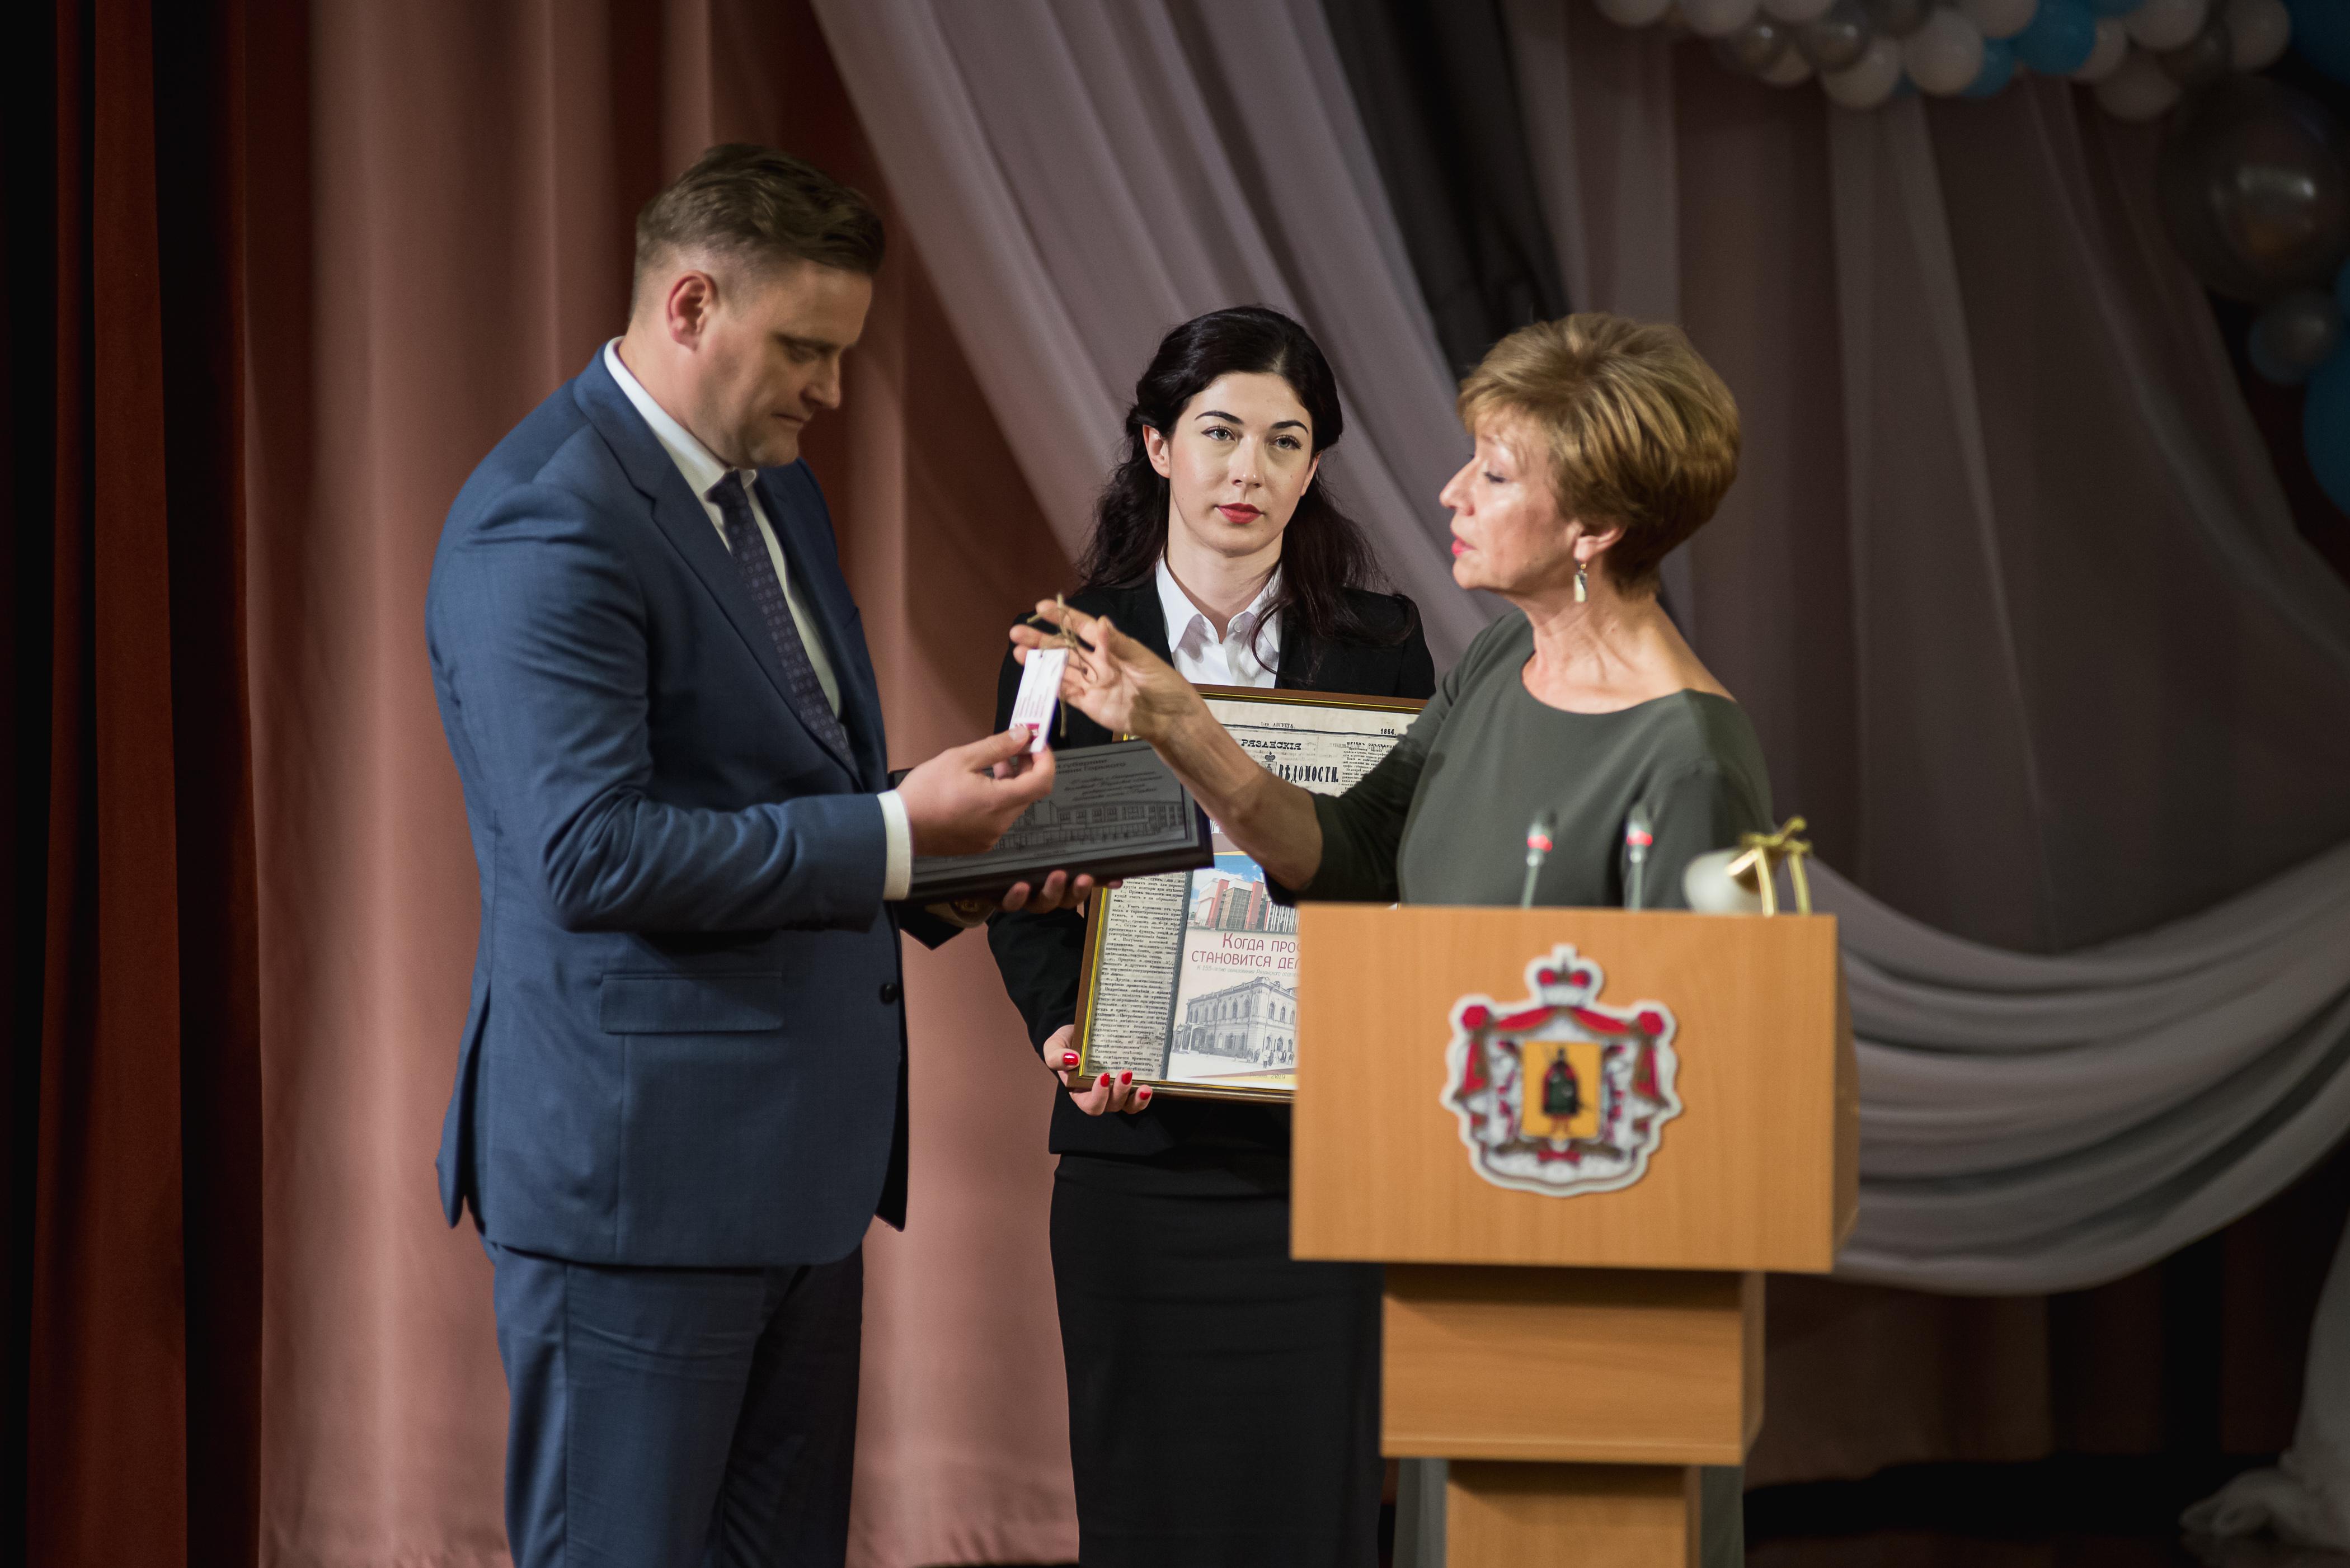 Рязанское отделение банка РФ отметило 155-летие от 1 августа 2019 года